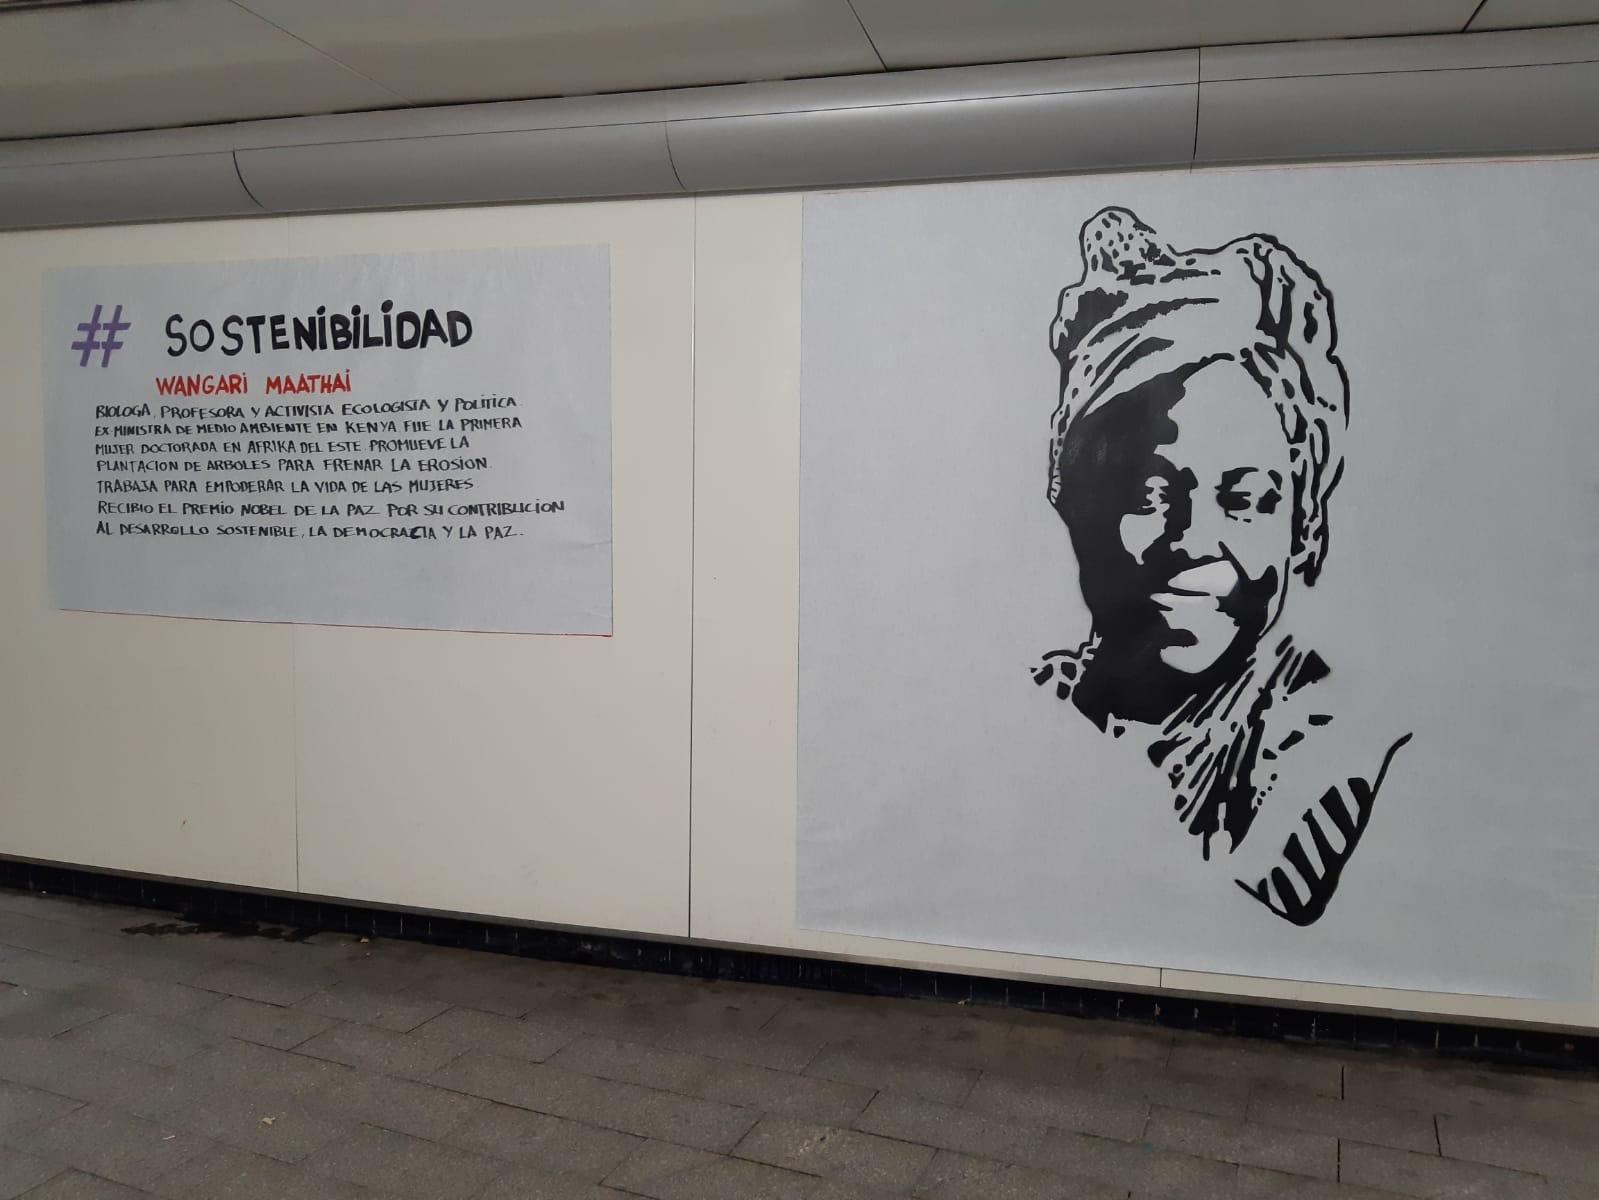 Retrato de Wangari Maathai, biologa, profesora y activista ecologista. Foto: Ayuntamiento